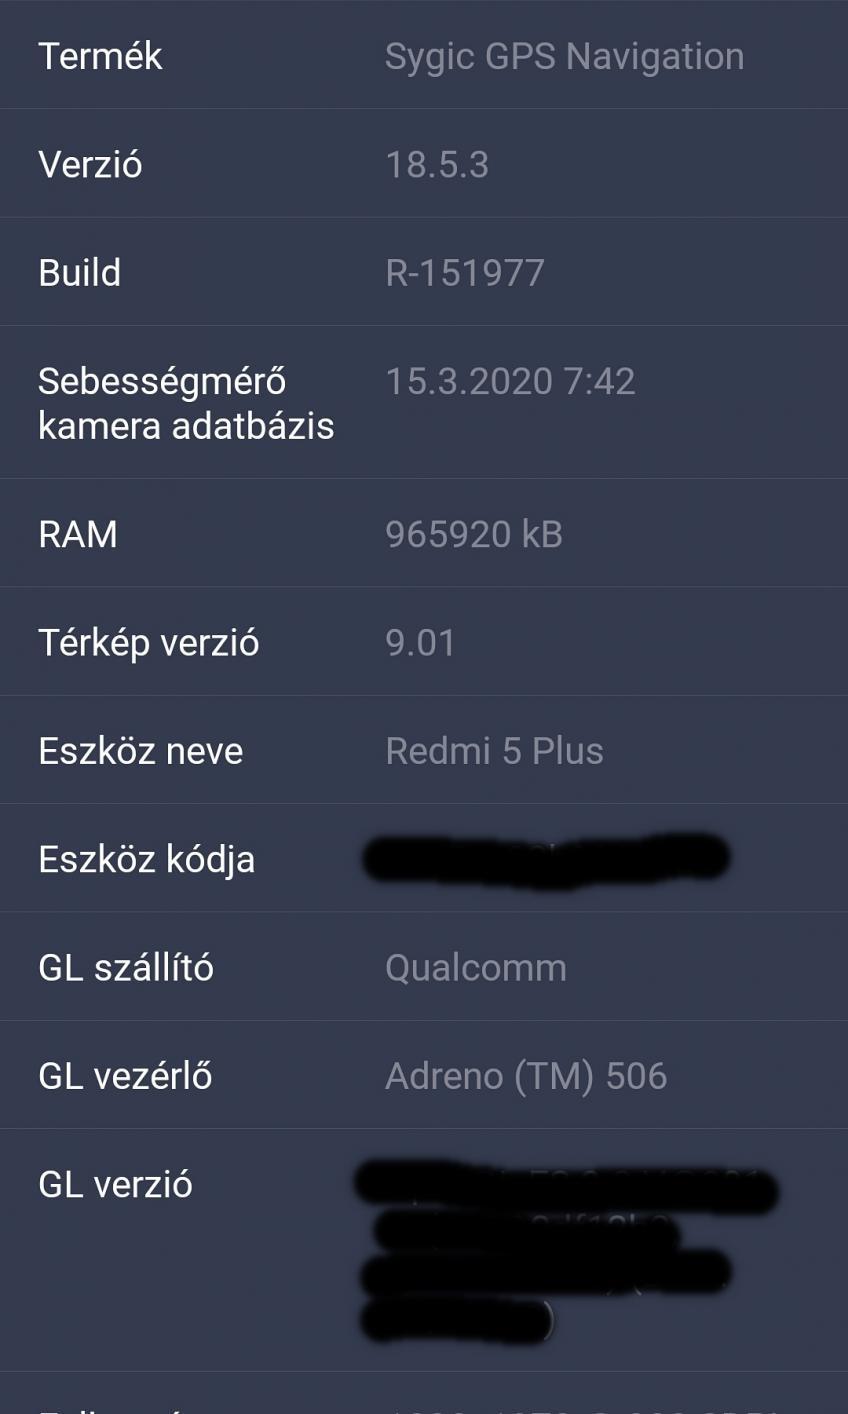 Sygic 18.5.3.full.